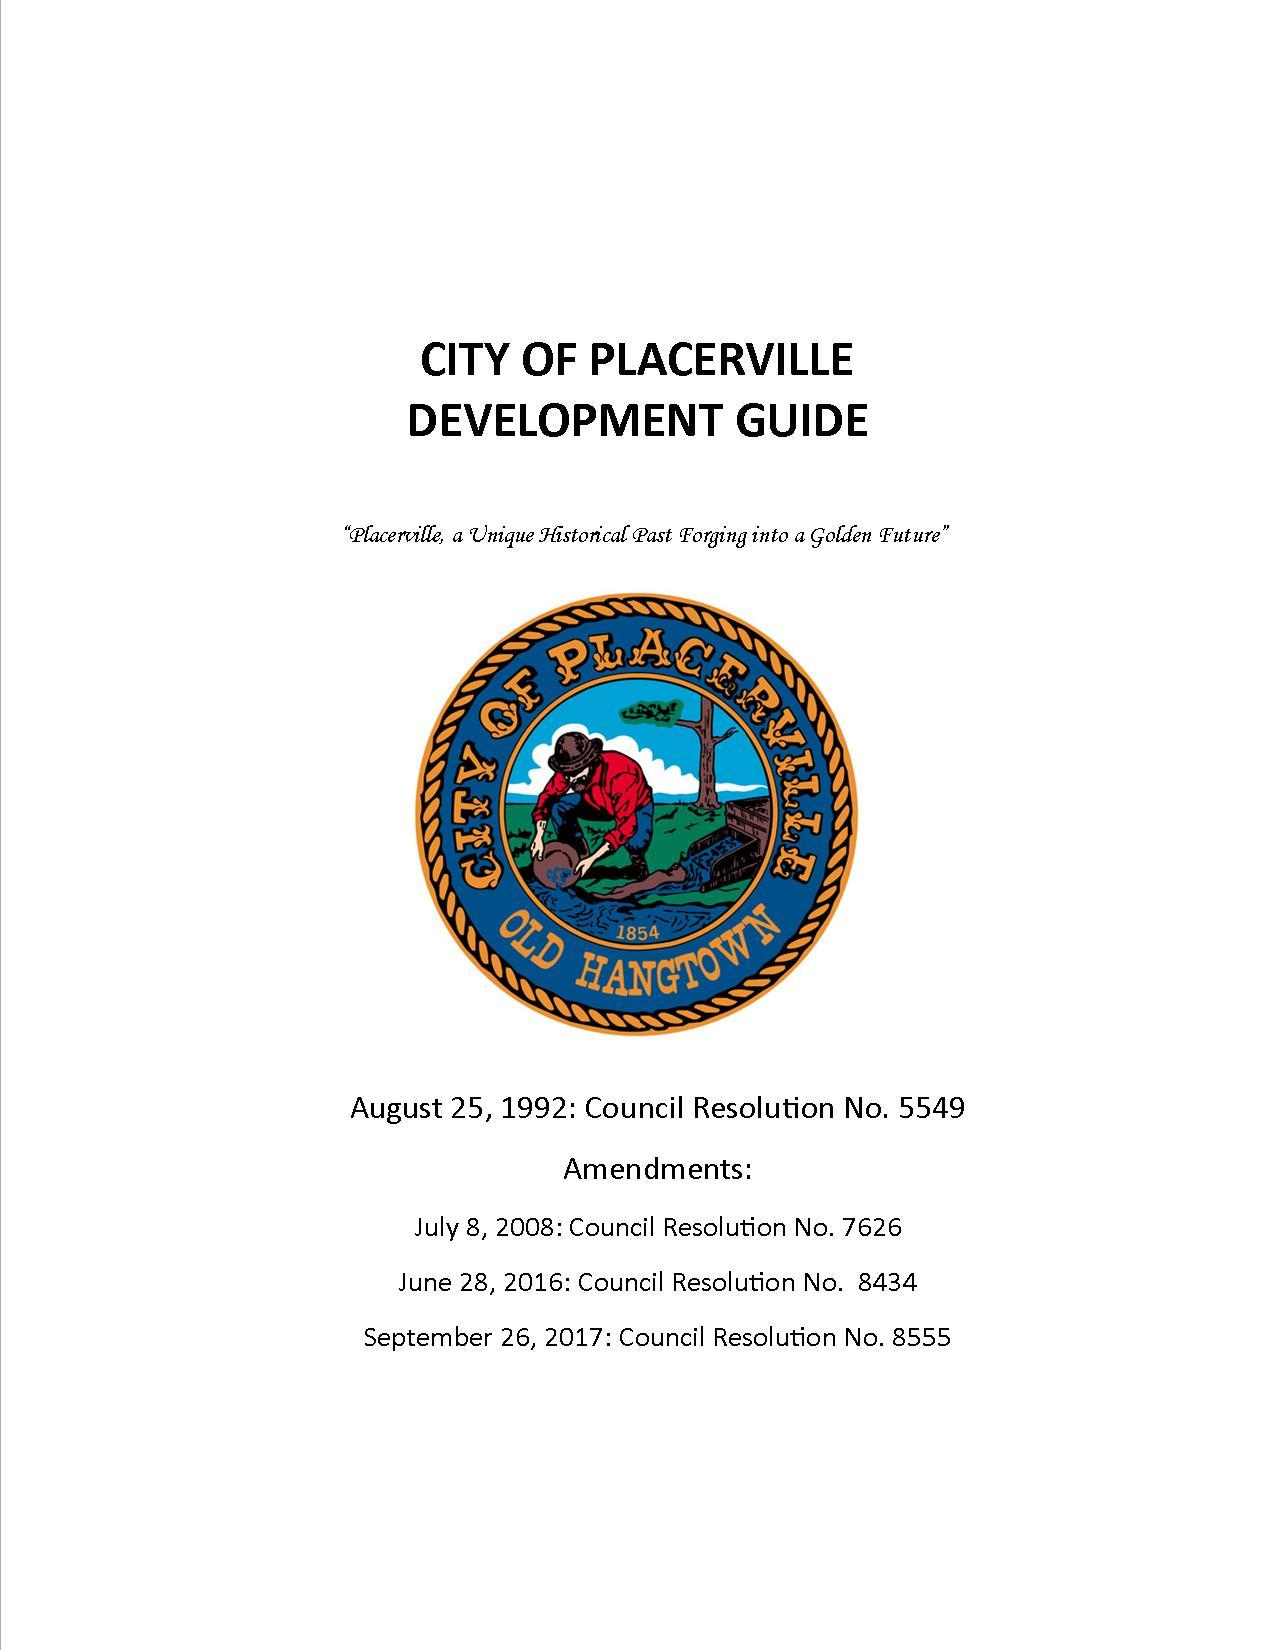 Development Guide 2016 Cover.jpg